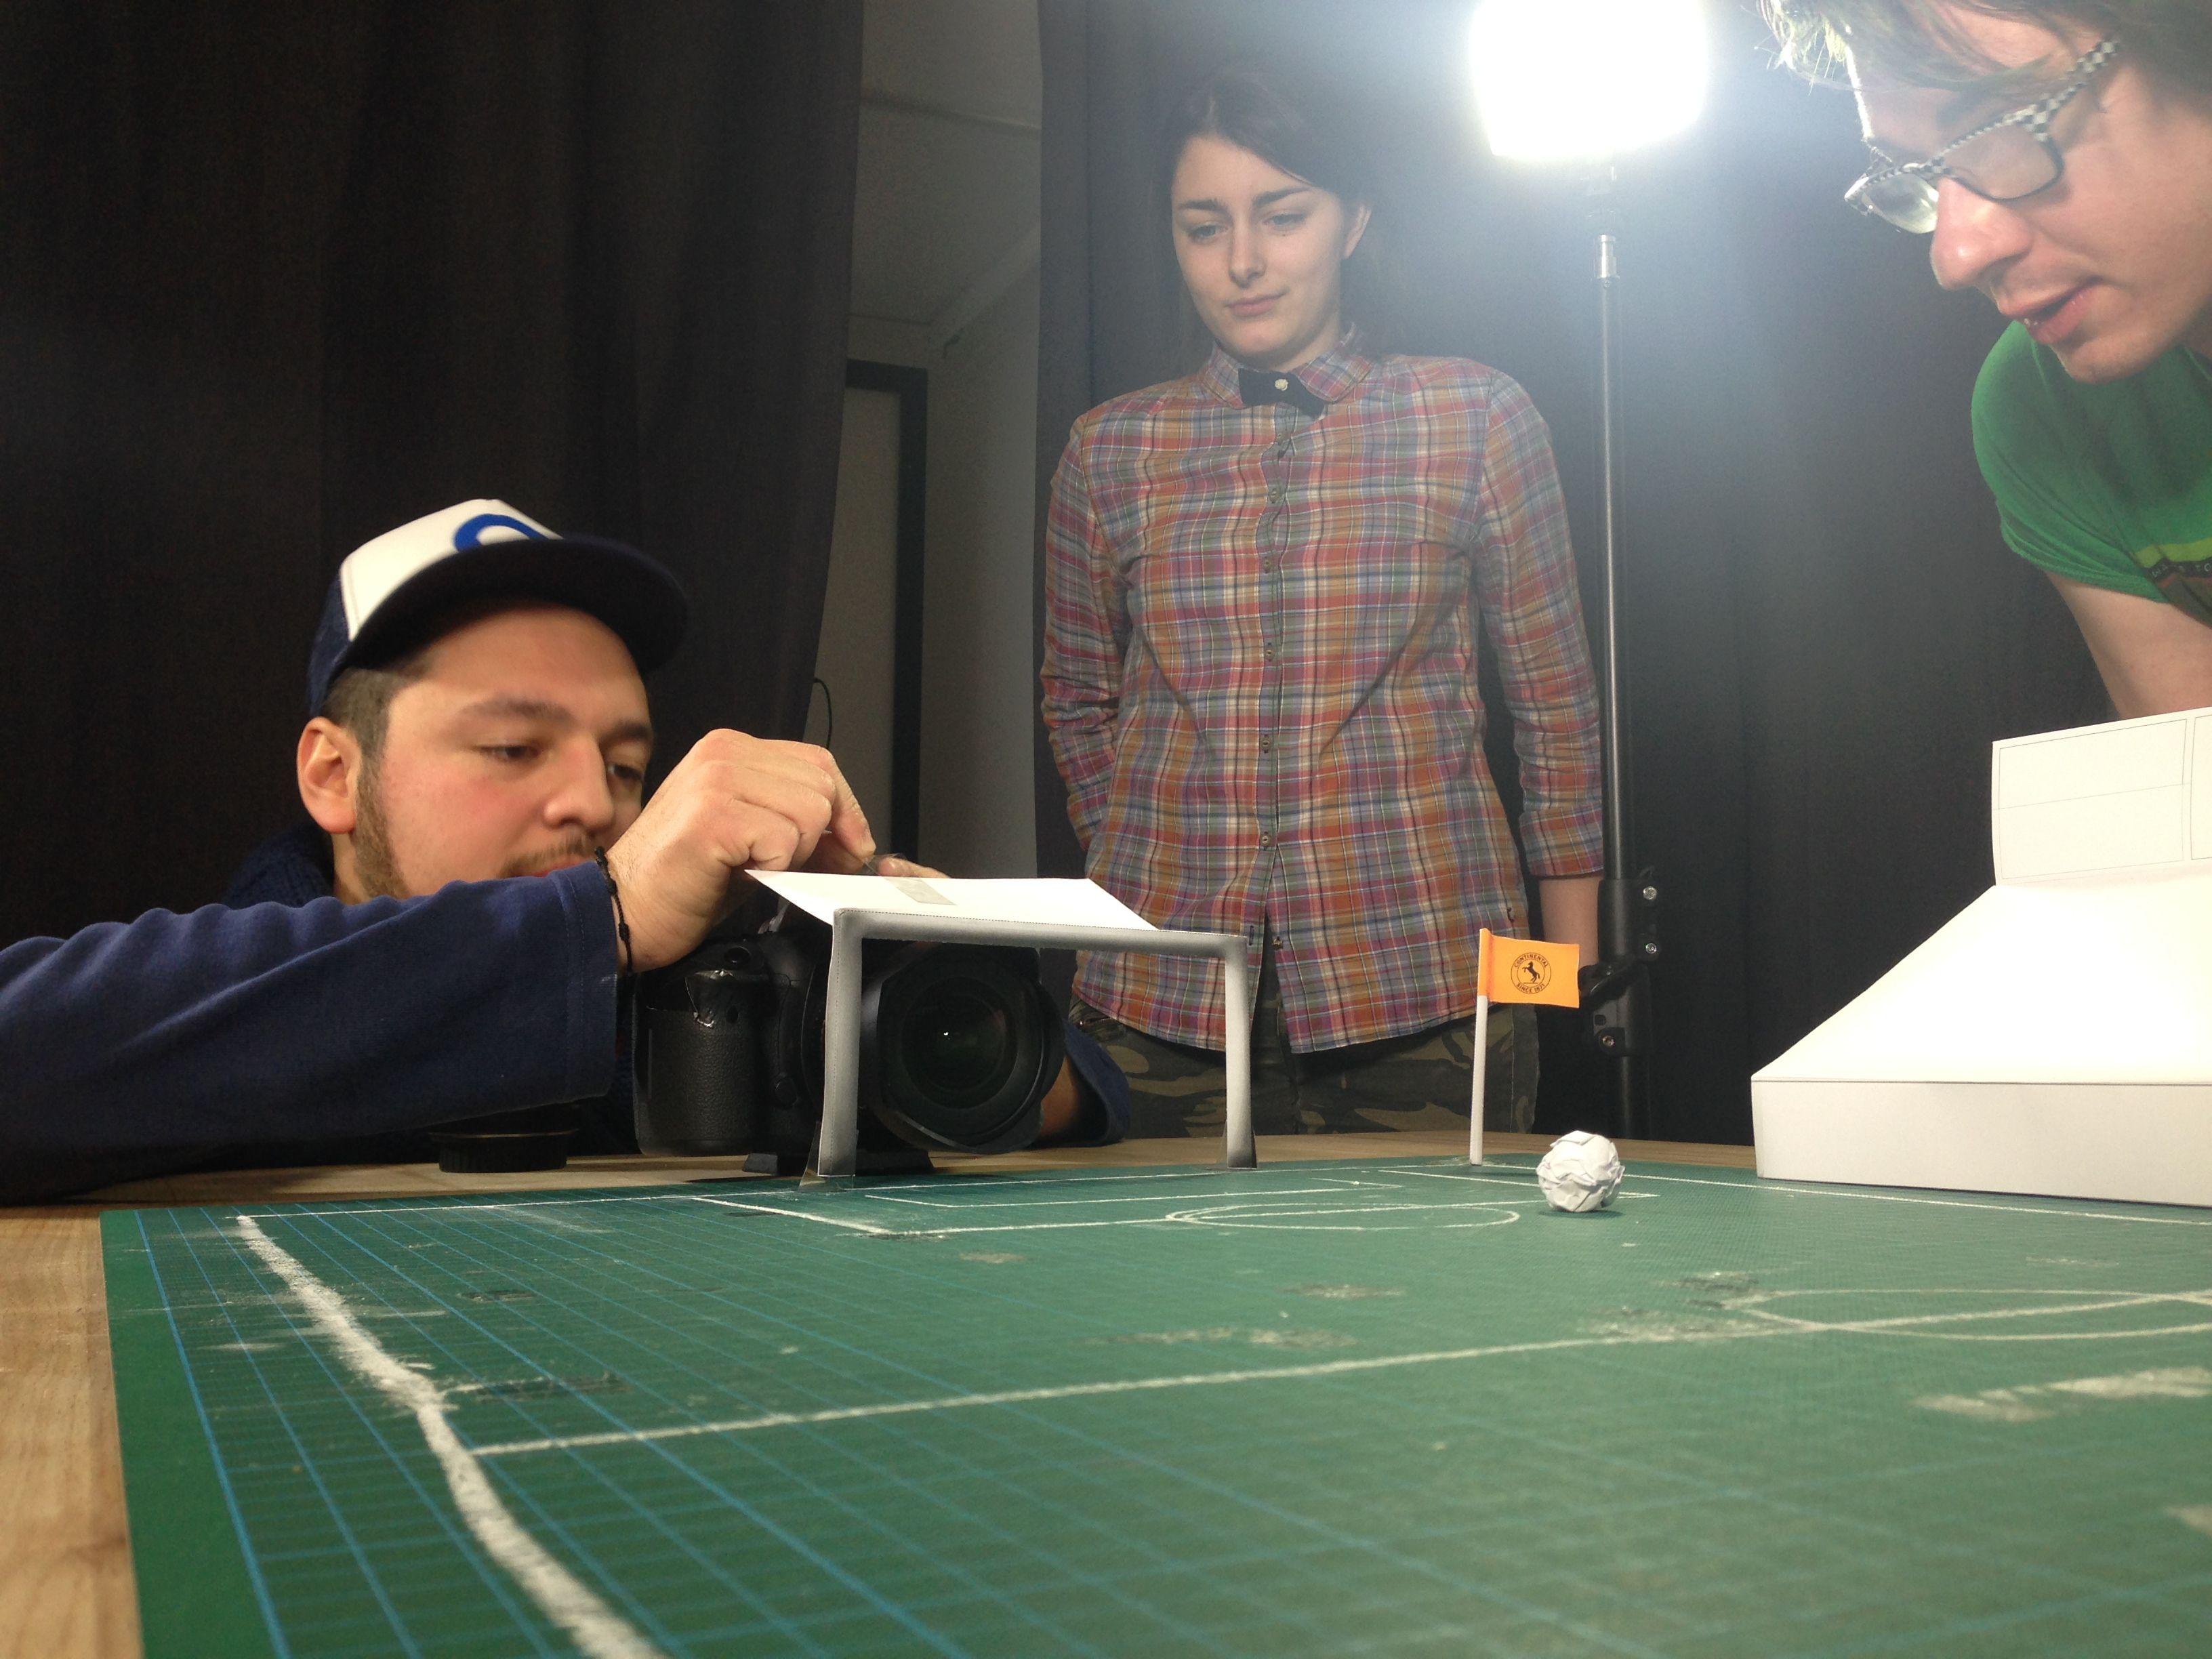 Erster Probedreh mit Pappkulissen: Was geht am Ball und drum herum? #PaperShot #Fingerfußball